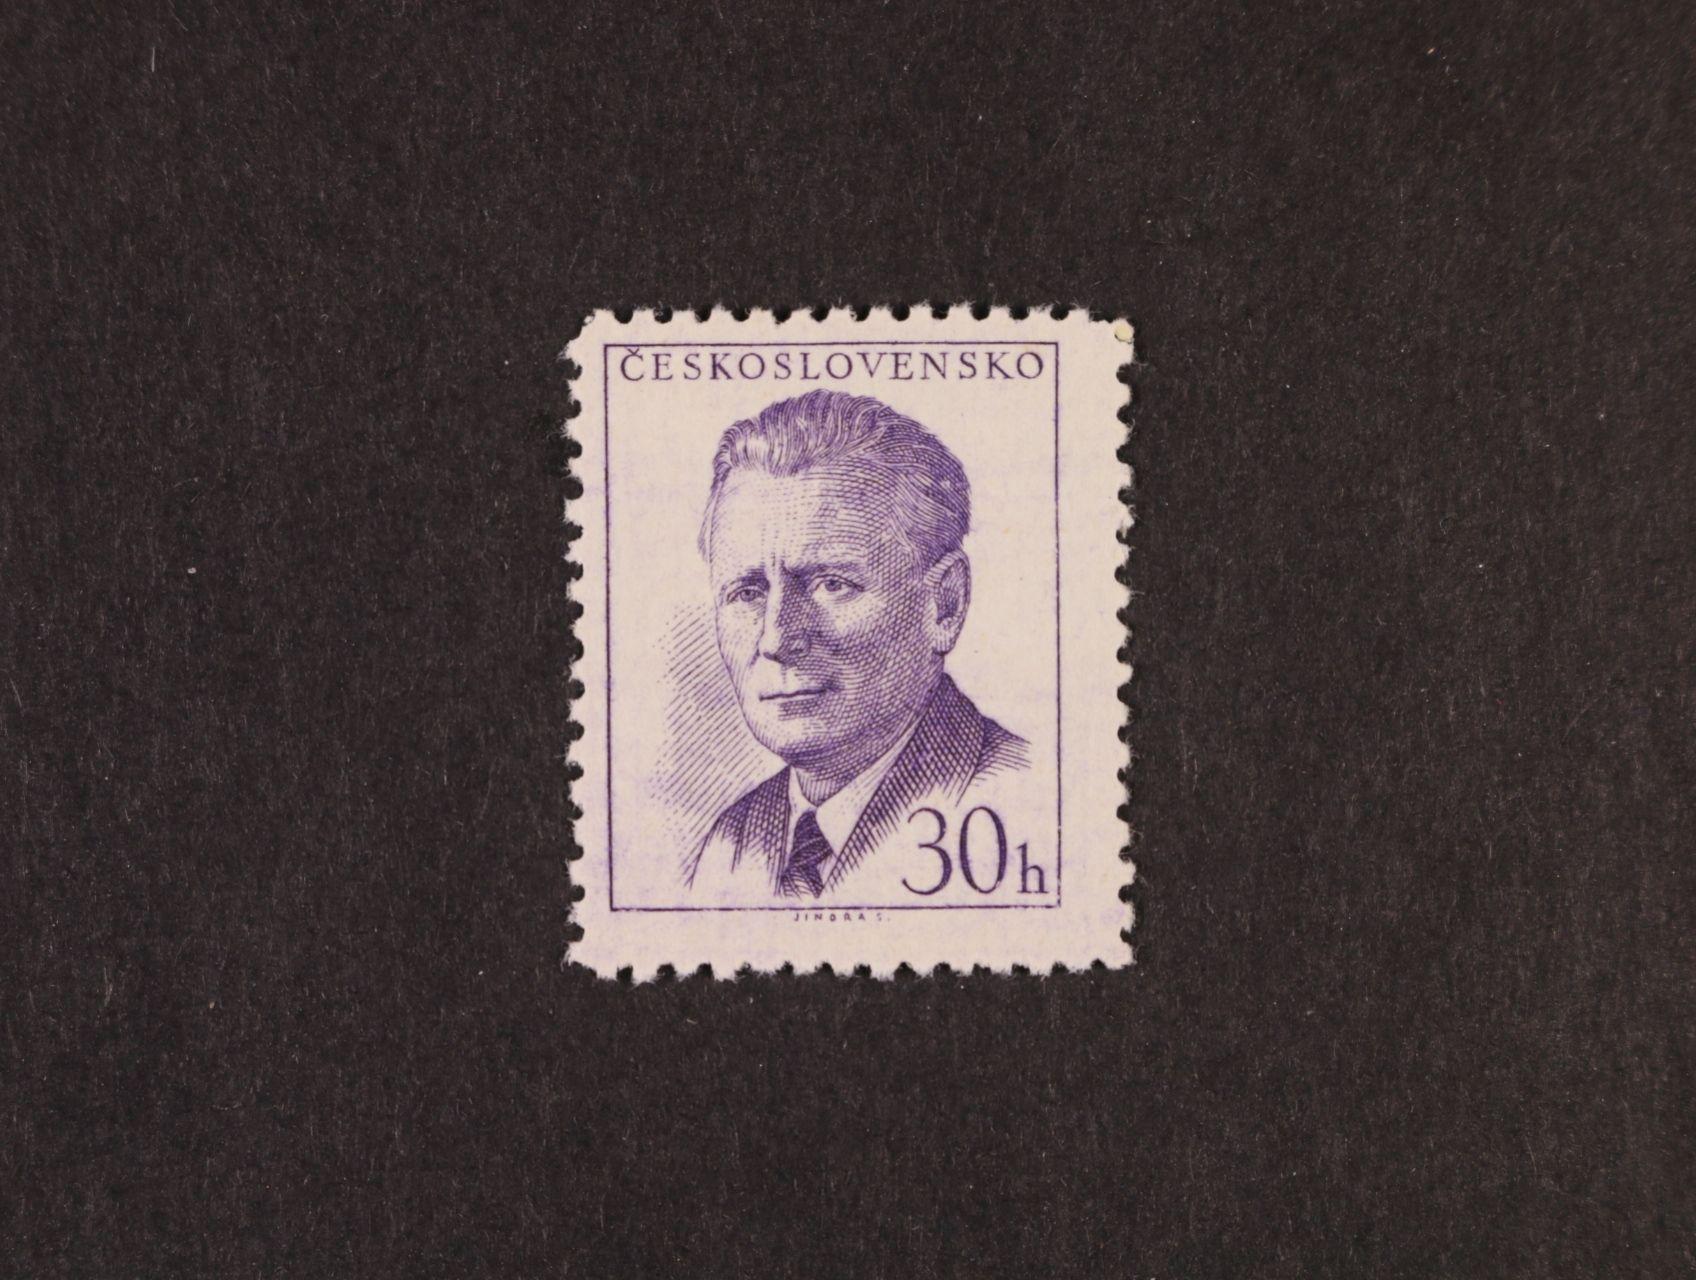 zn. č. 1091x - chybotisk, zk. Karásek, kat. cena 2400 Kč